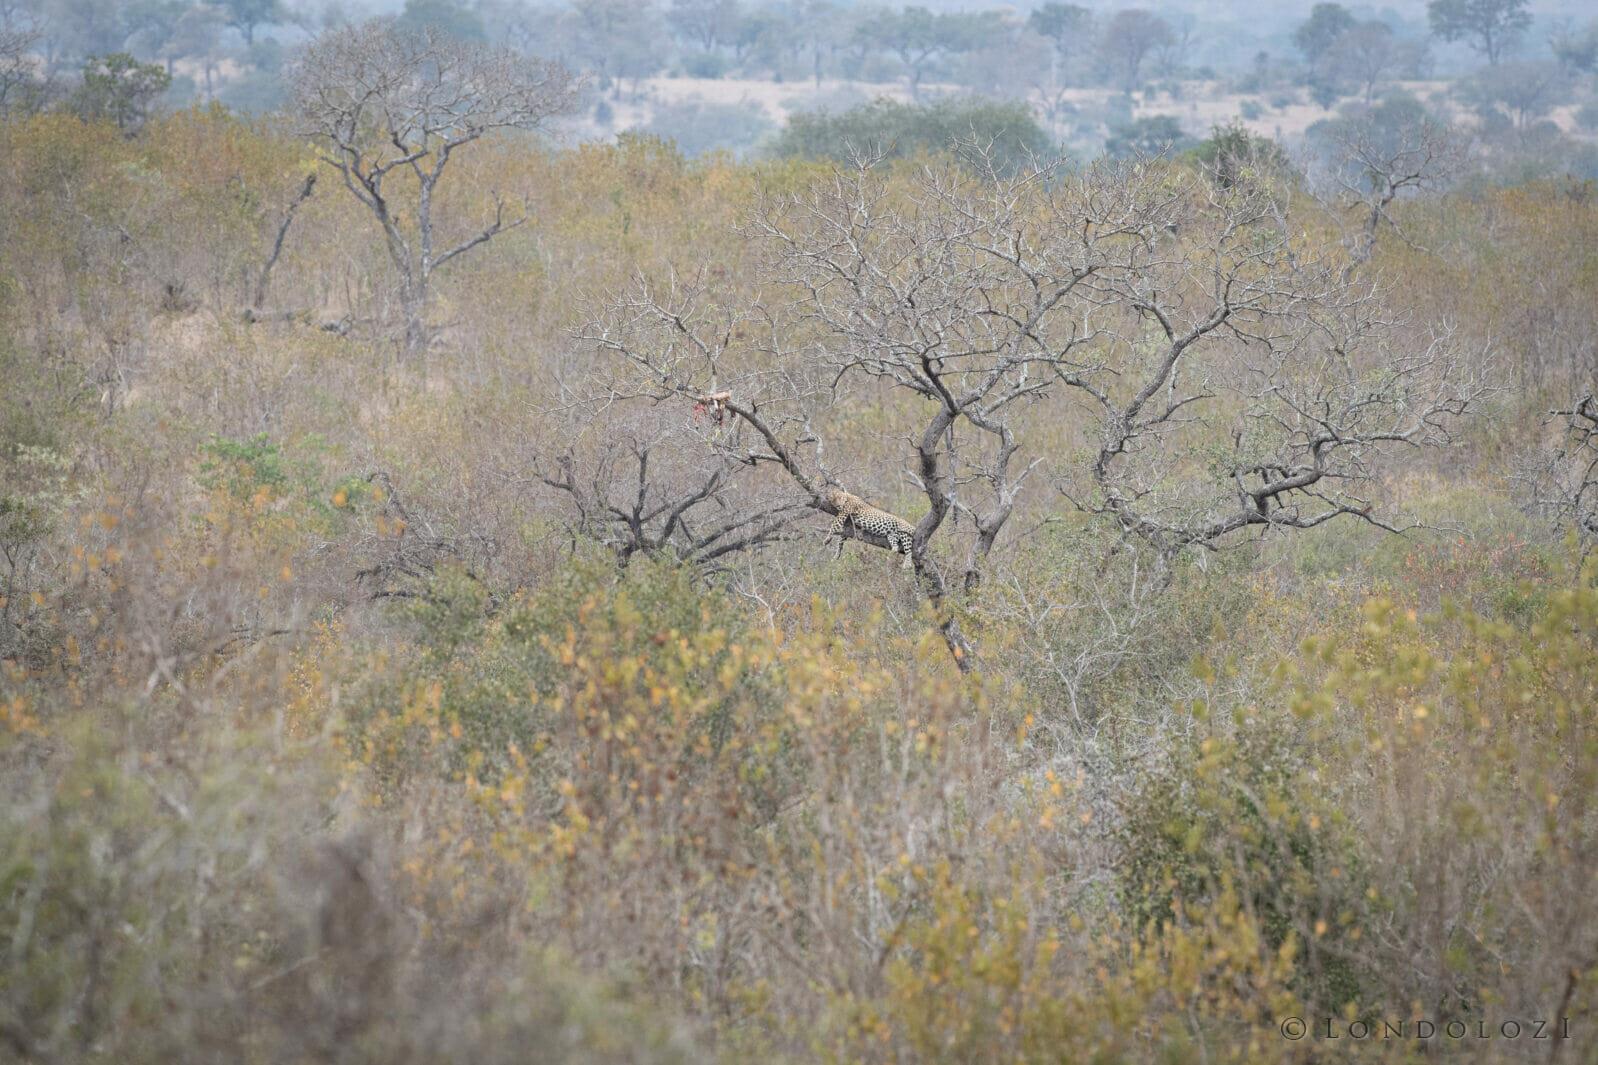 Jts Senegal Bush Tree Landscape